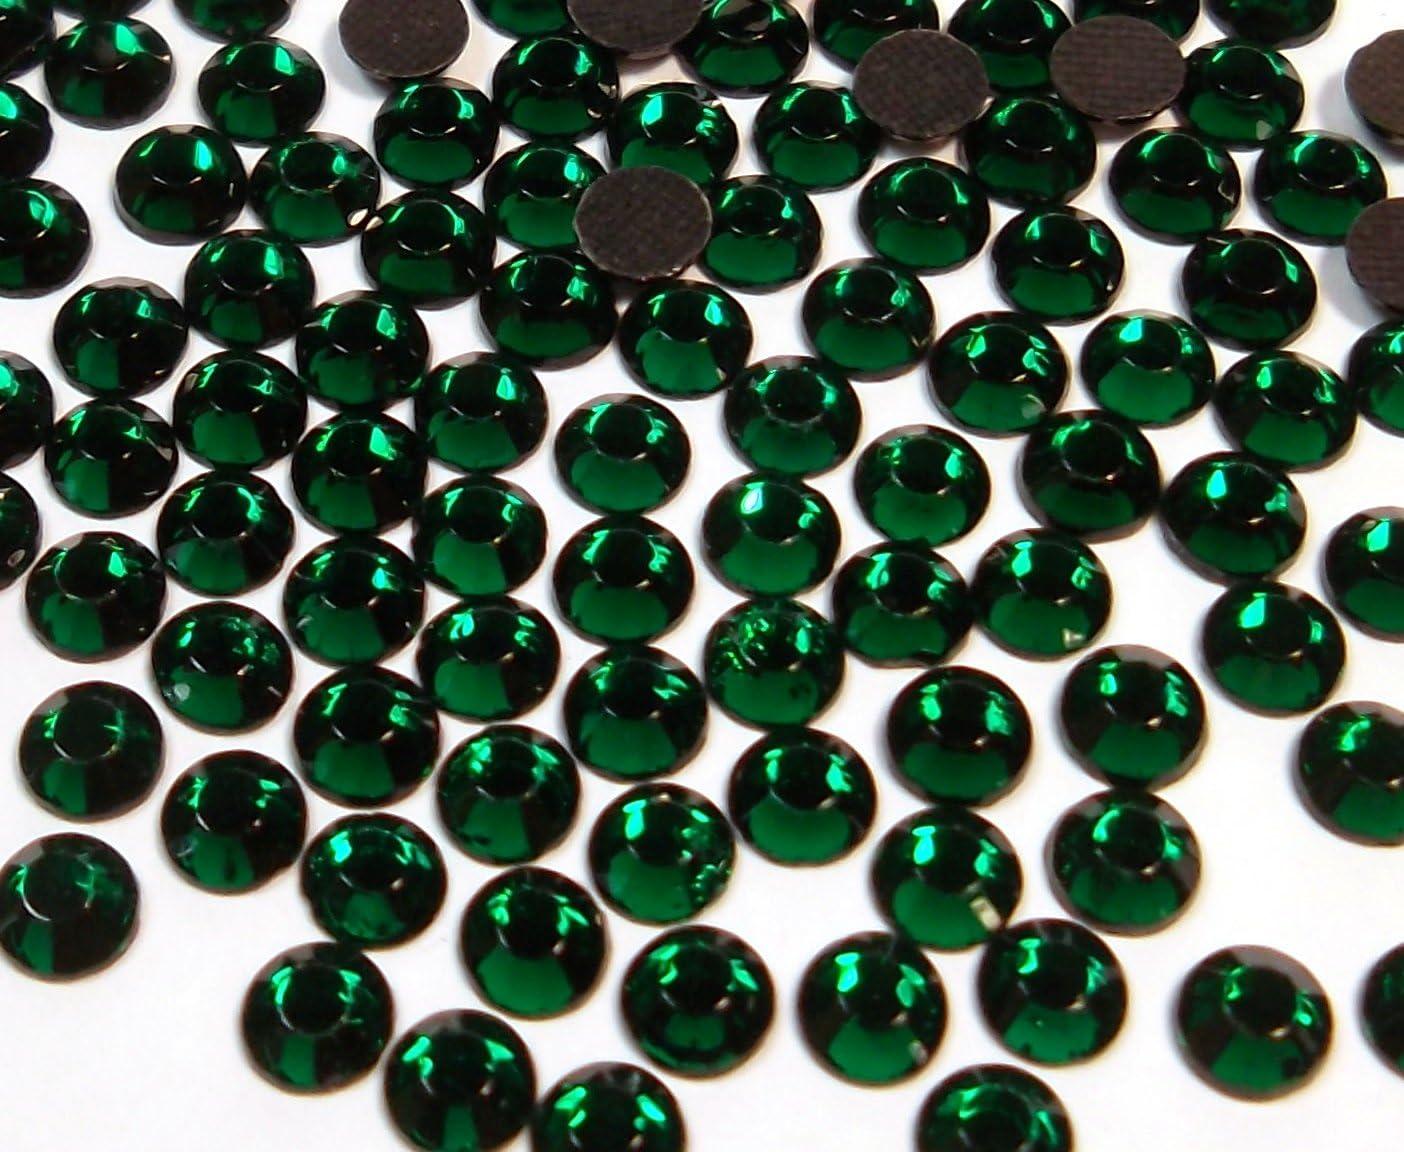 Perlin – Piedras de estrás Hotfix, verde oliva, 1440 unidades, 6 mm SS30 para planchar, Hotglue, piedras brillantes, piedras de estrás, perlas de cristal